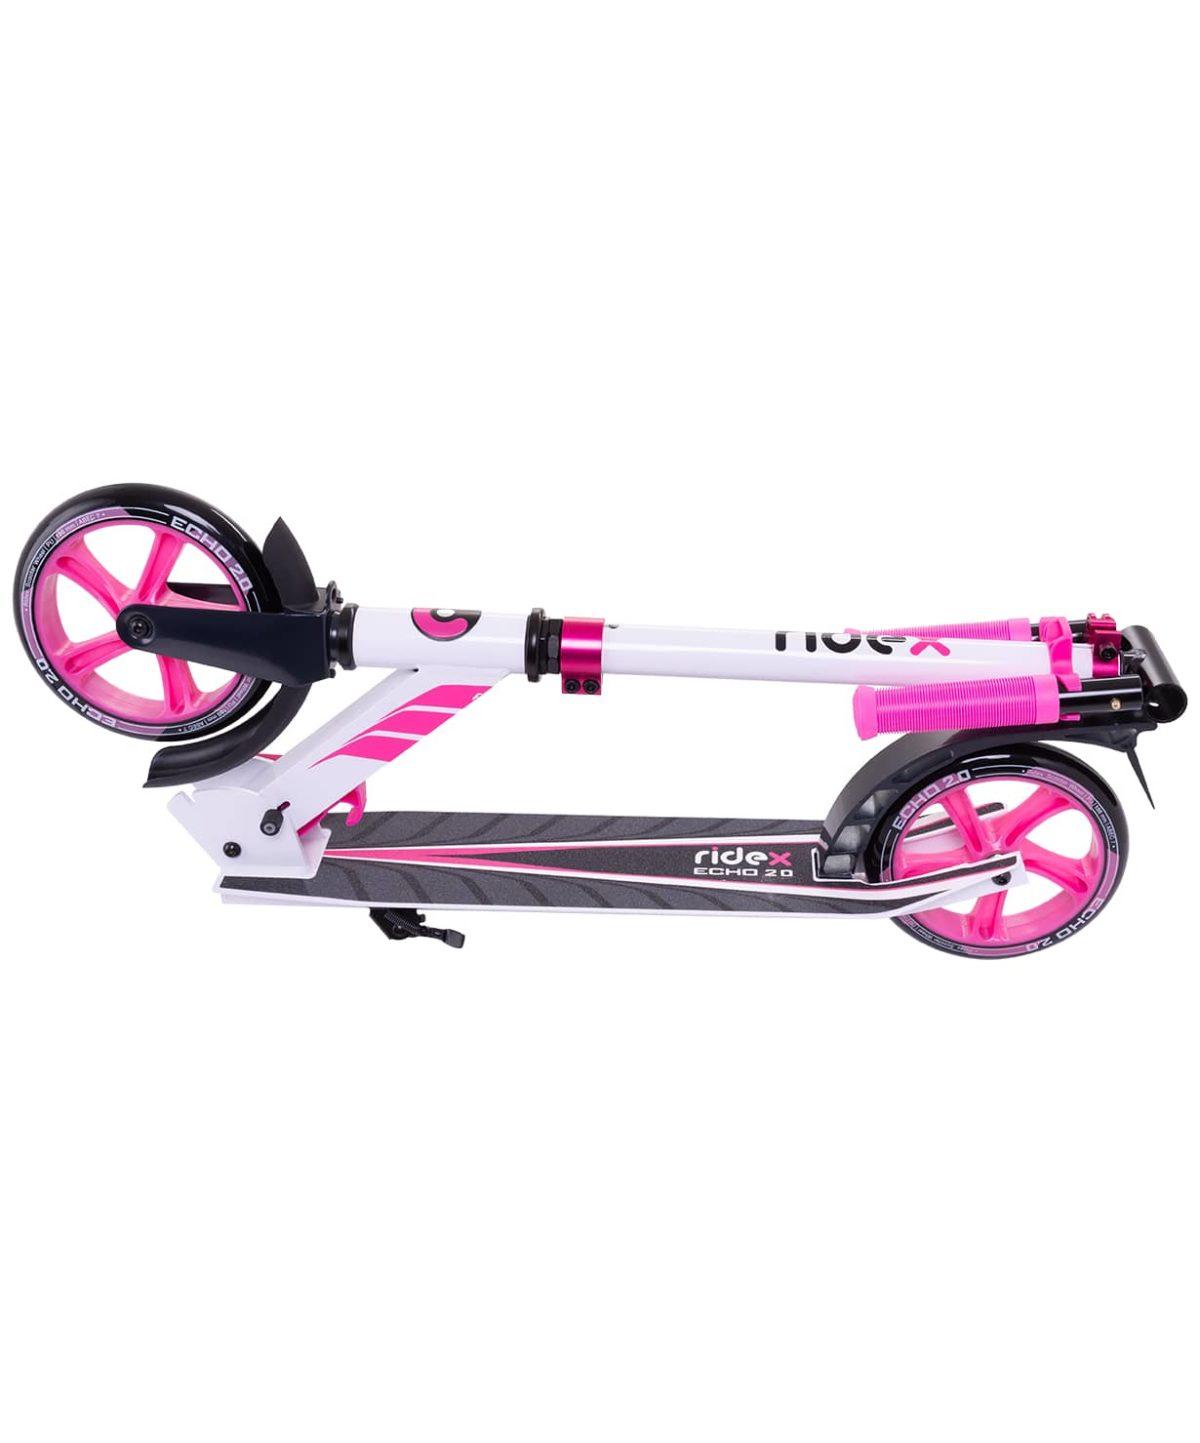 RIDEX Echo Самокат 2-х колесный 180 мм  Echo: белый/розовый - 4